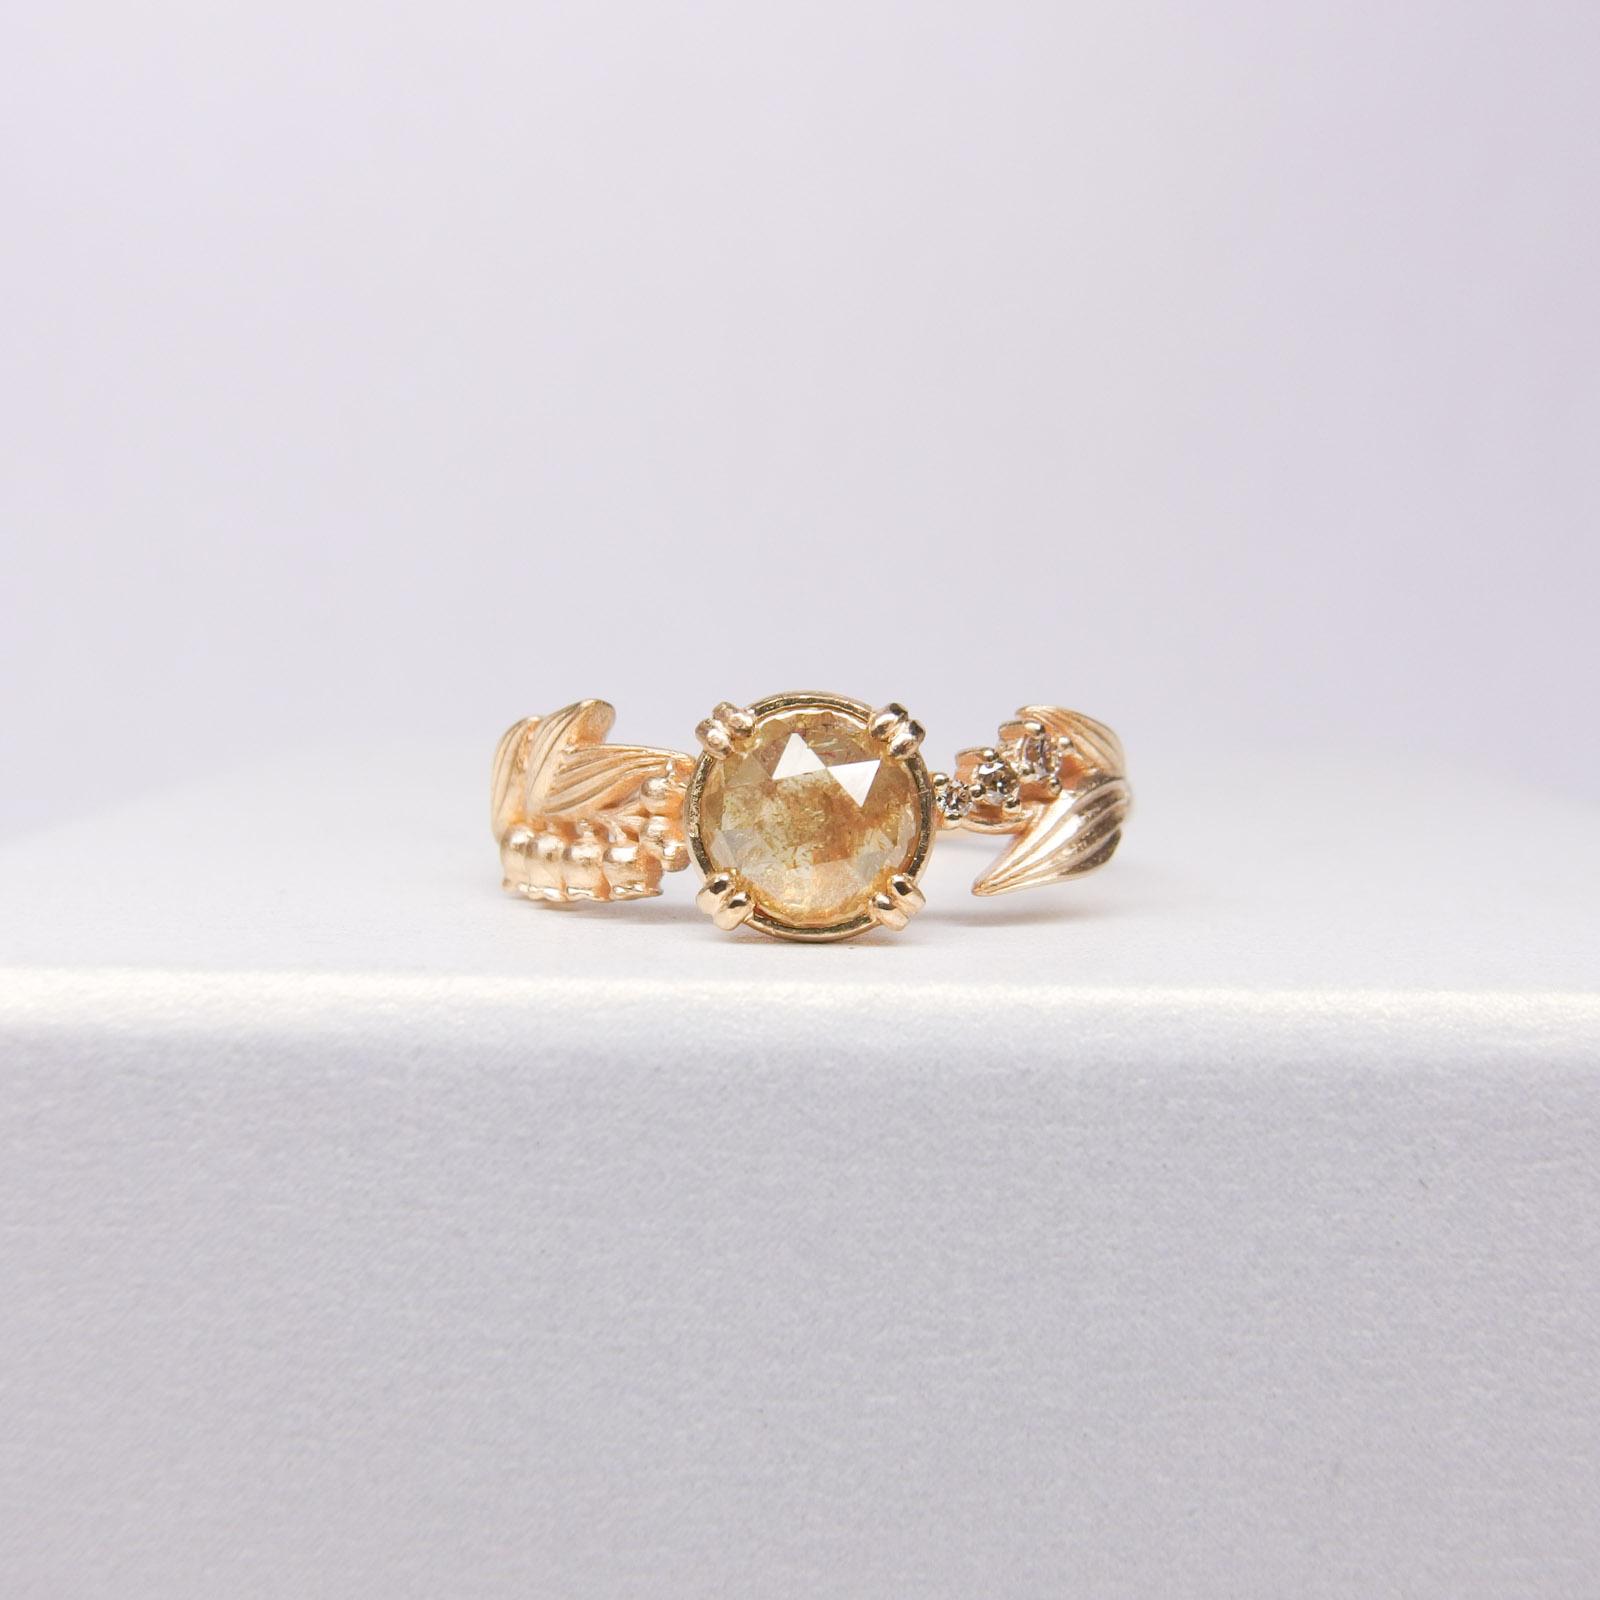 ローズカットダイヤモンドリング(アーム:スズラン、K18YG)